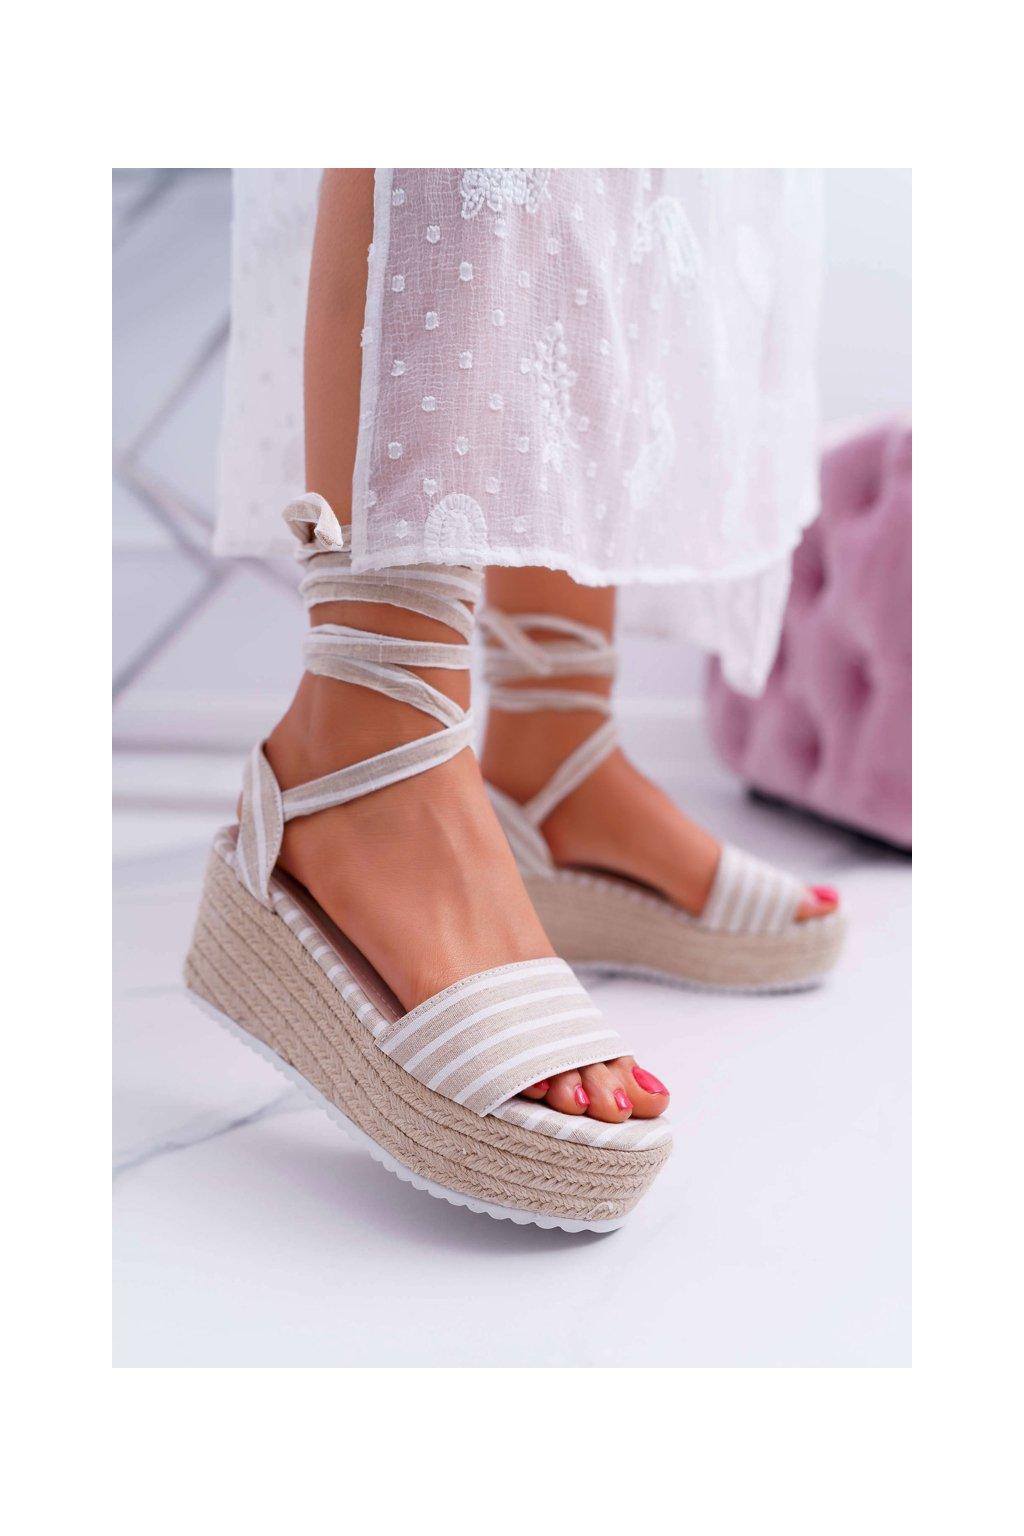 Dámske Sandále na klíne šnurovacie béžové Jolyn